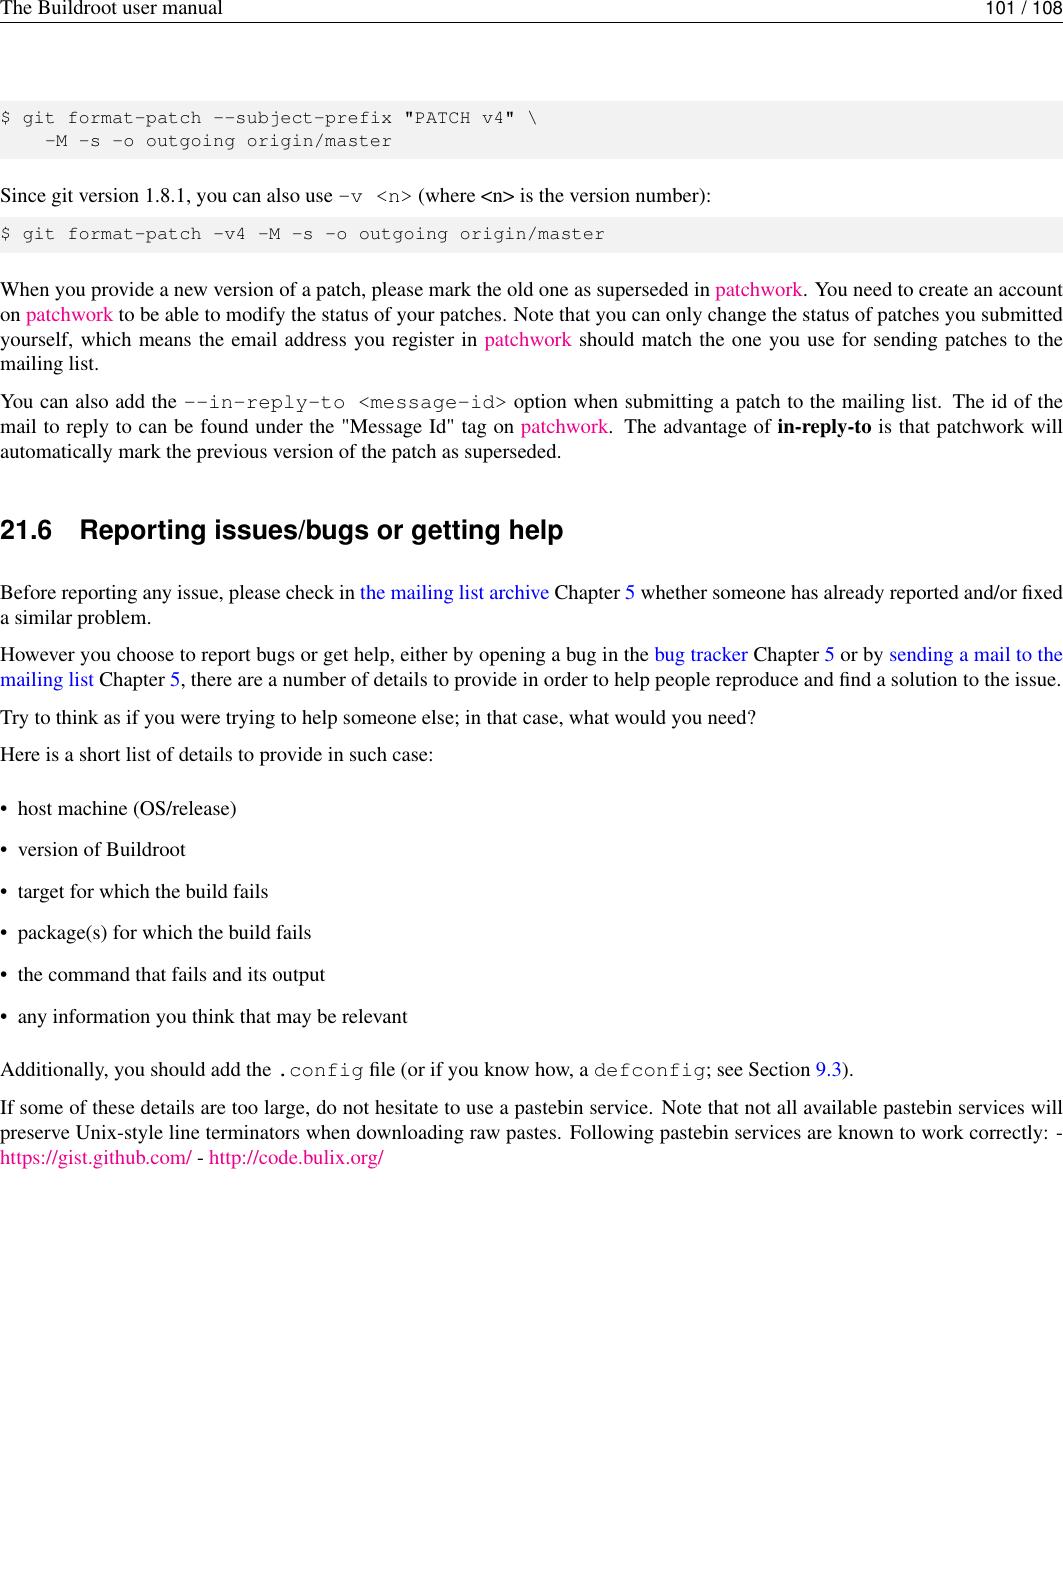 The Buildroot User Manual